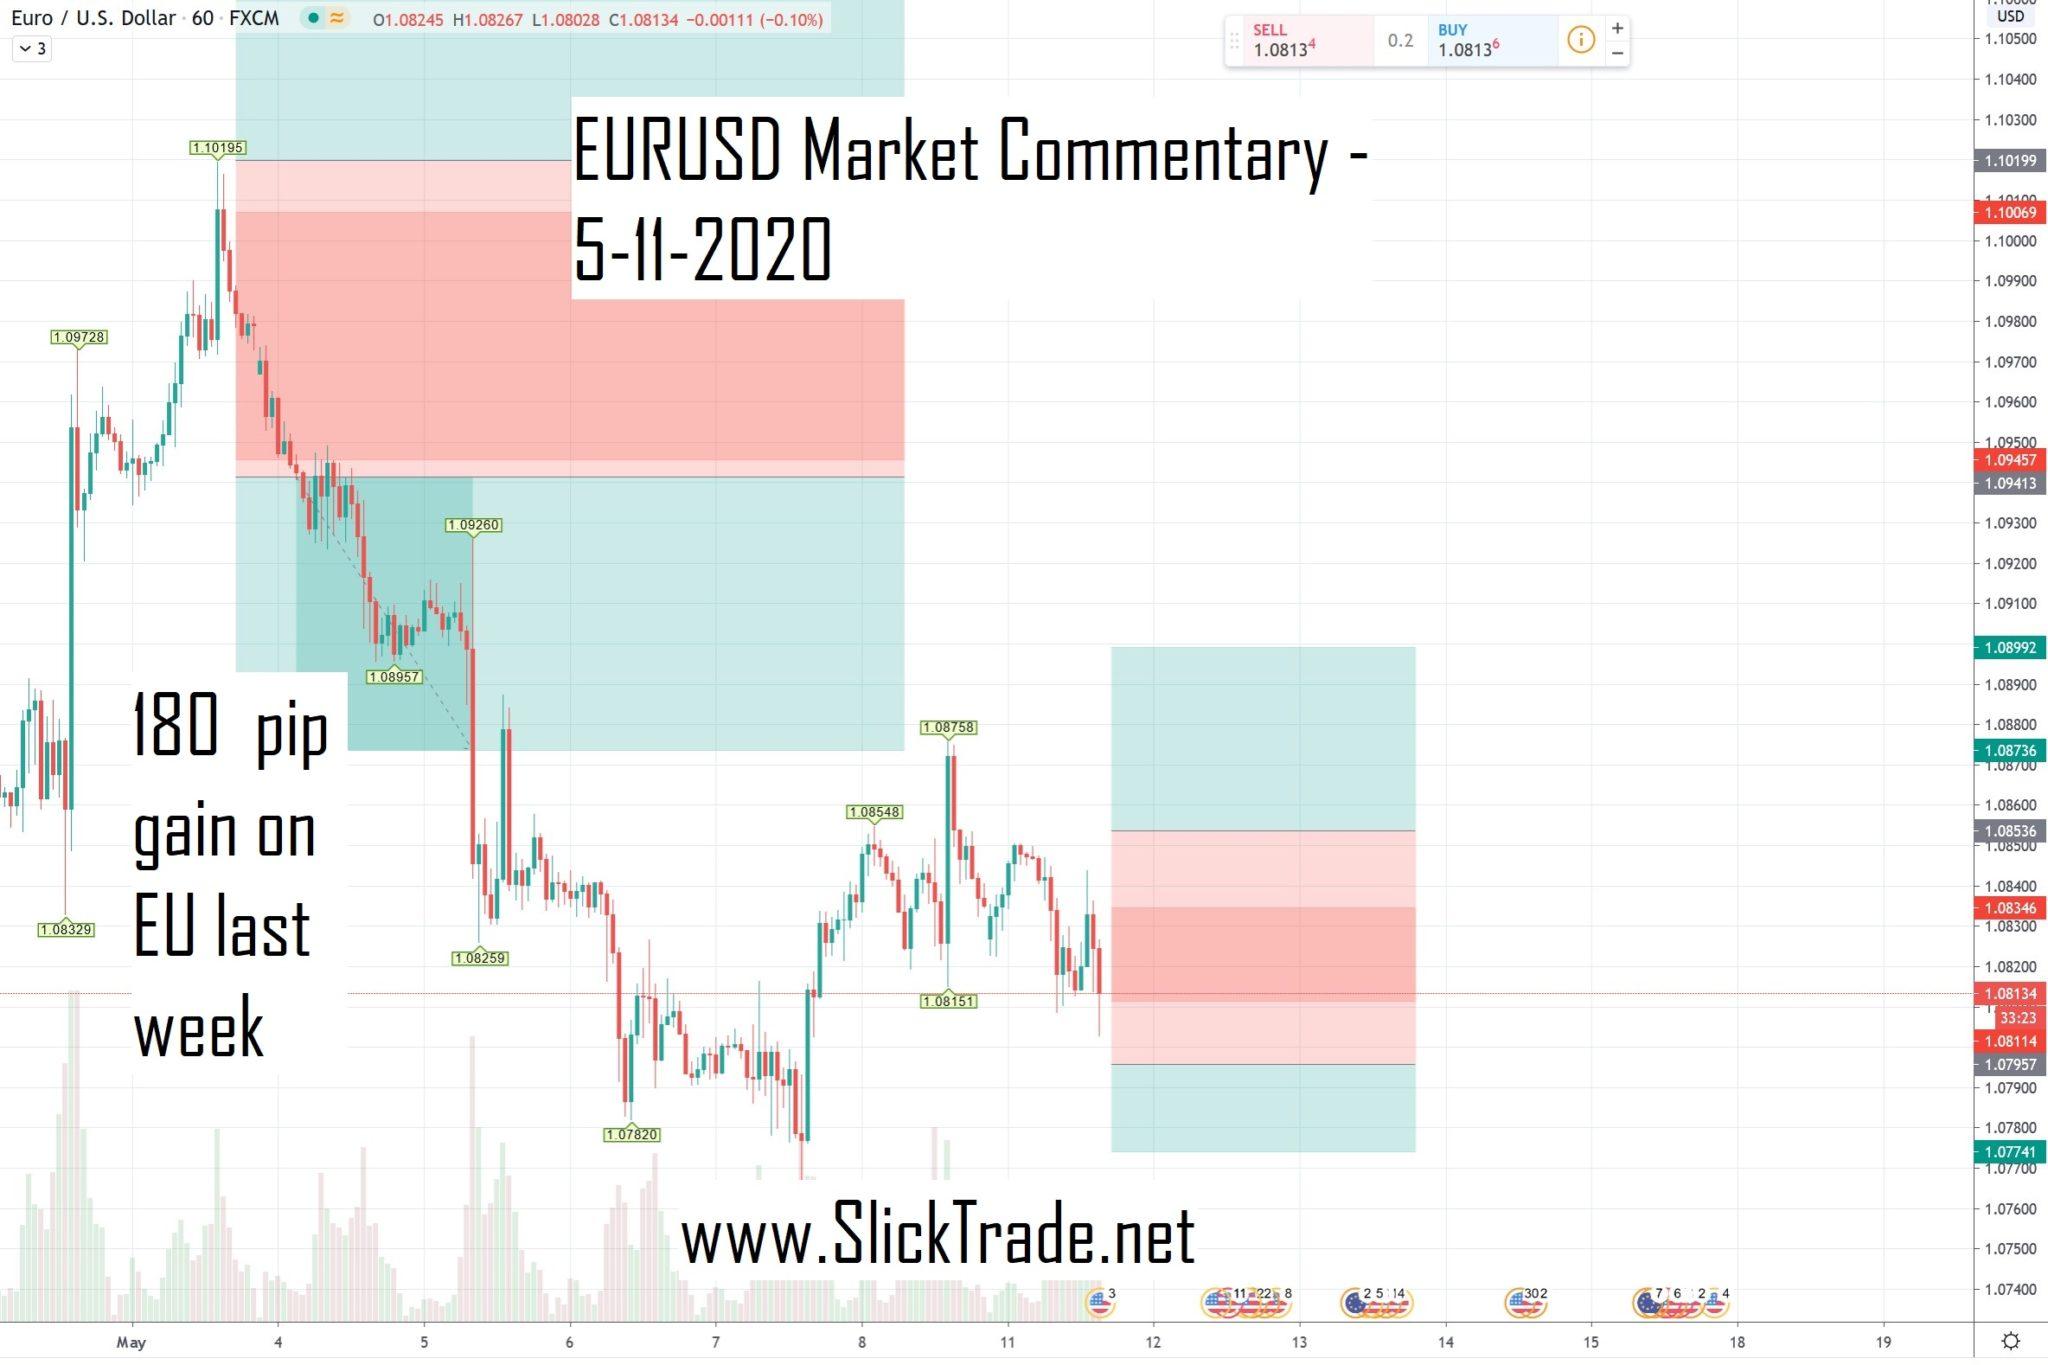 eurusd market commentary h1 5-11-2020